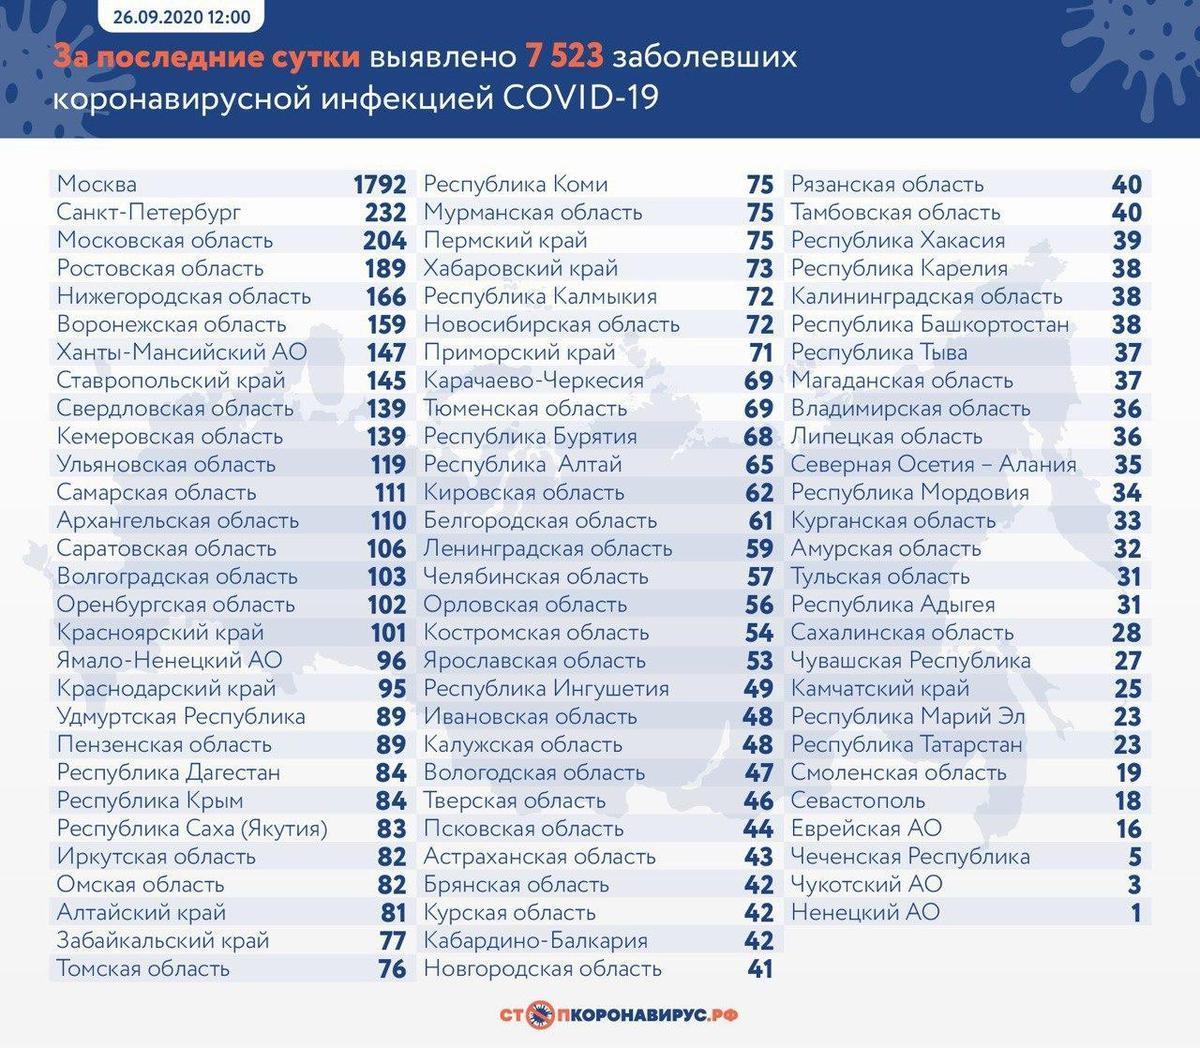 Эпидемия возвращается: в России выявлено 7523 новых случая коронавируса